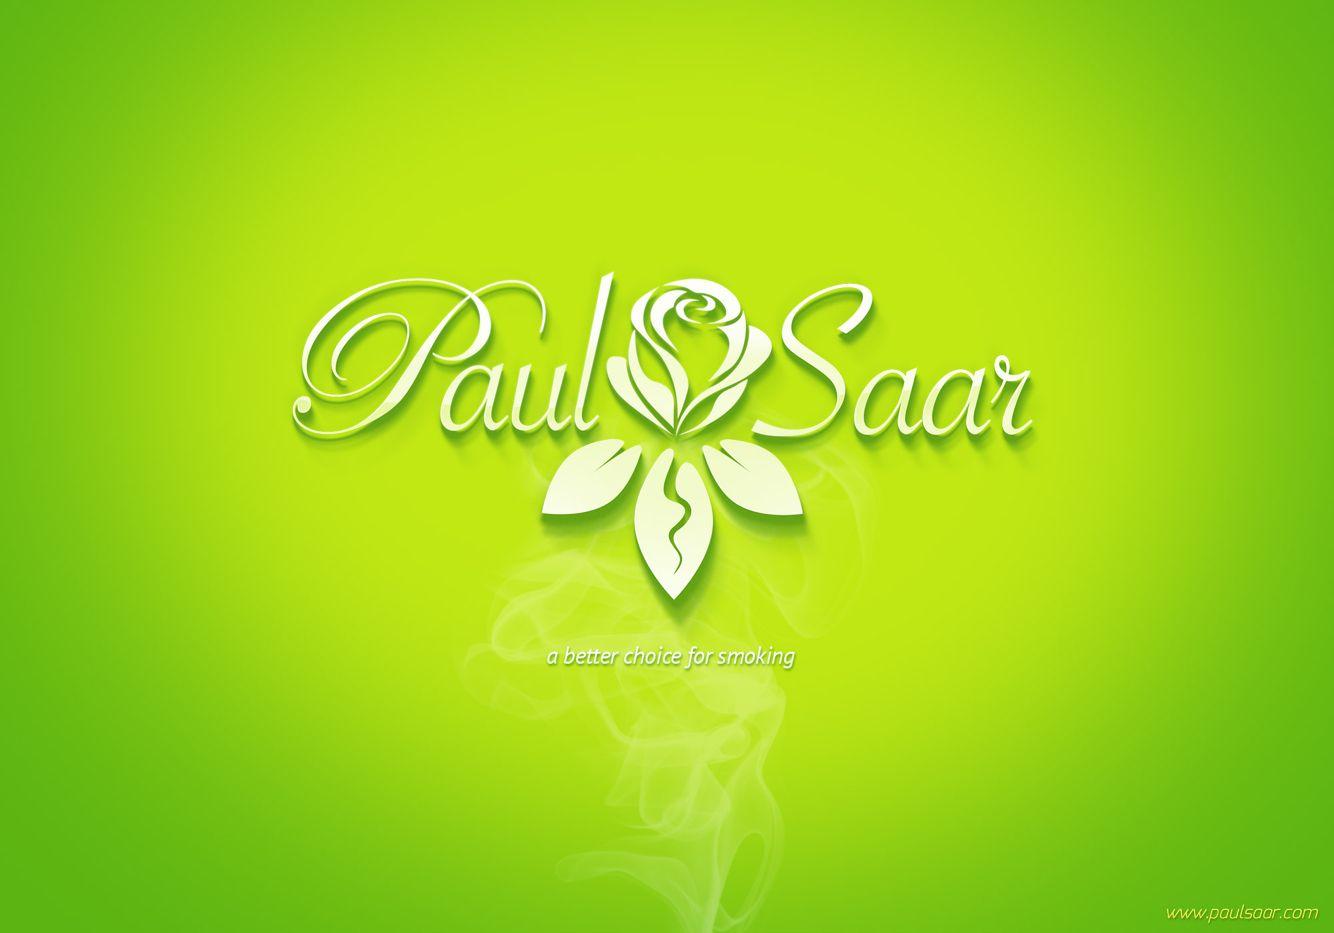 PaulSaar ecigarettes Graphic design, Graphic, Design